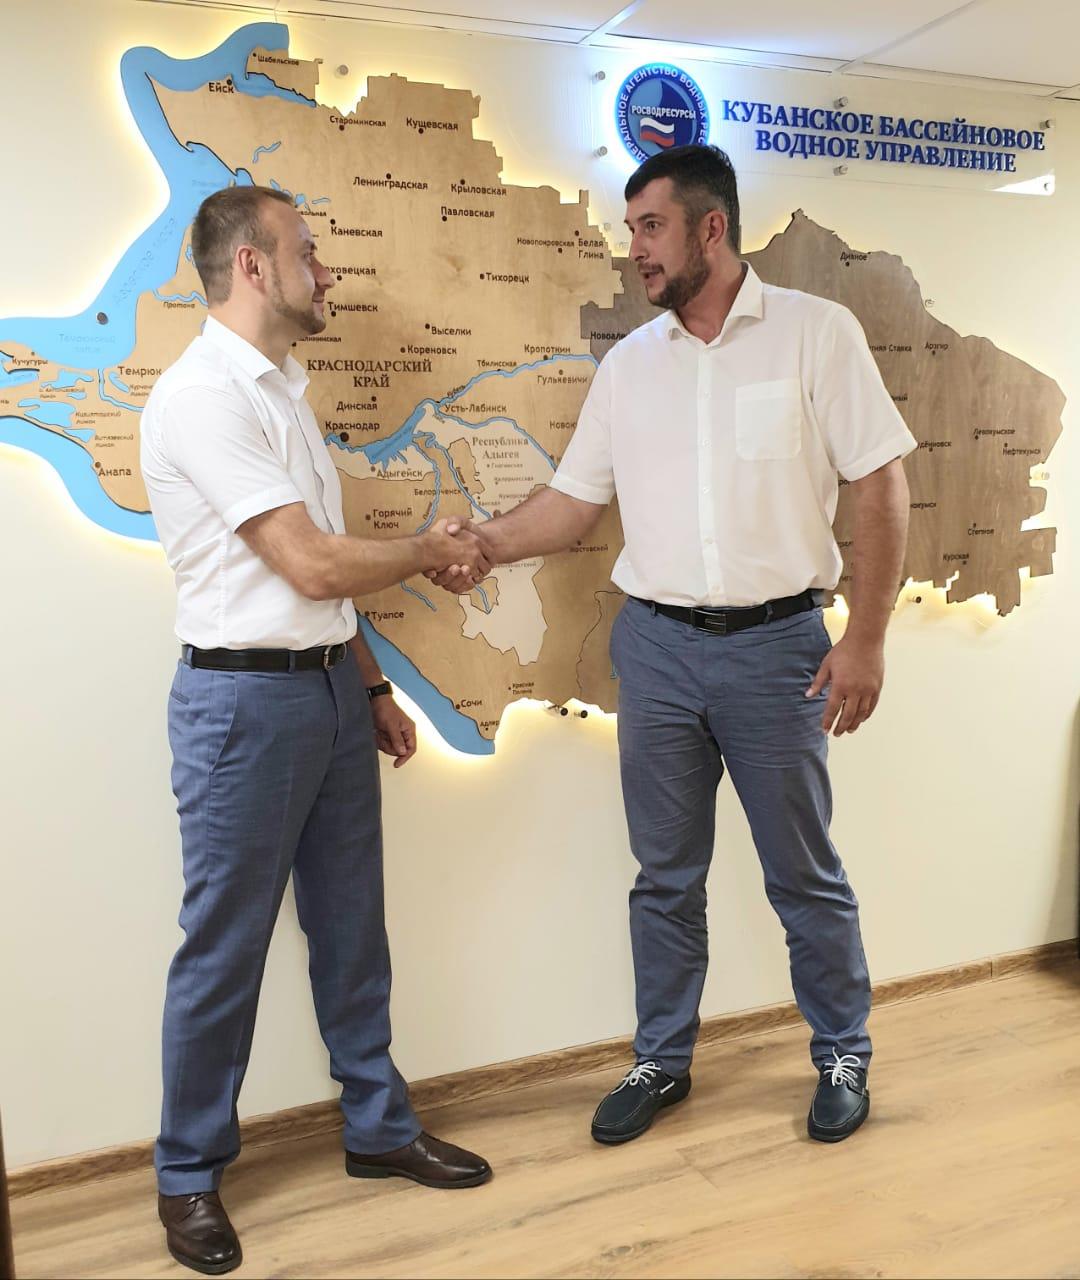 Российское экологическое общество и Кубанское бассейновое водное управление Росводресурсов договорились о взаимодействии